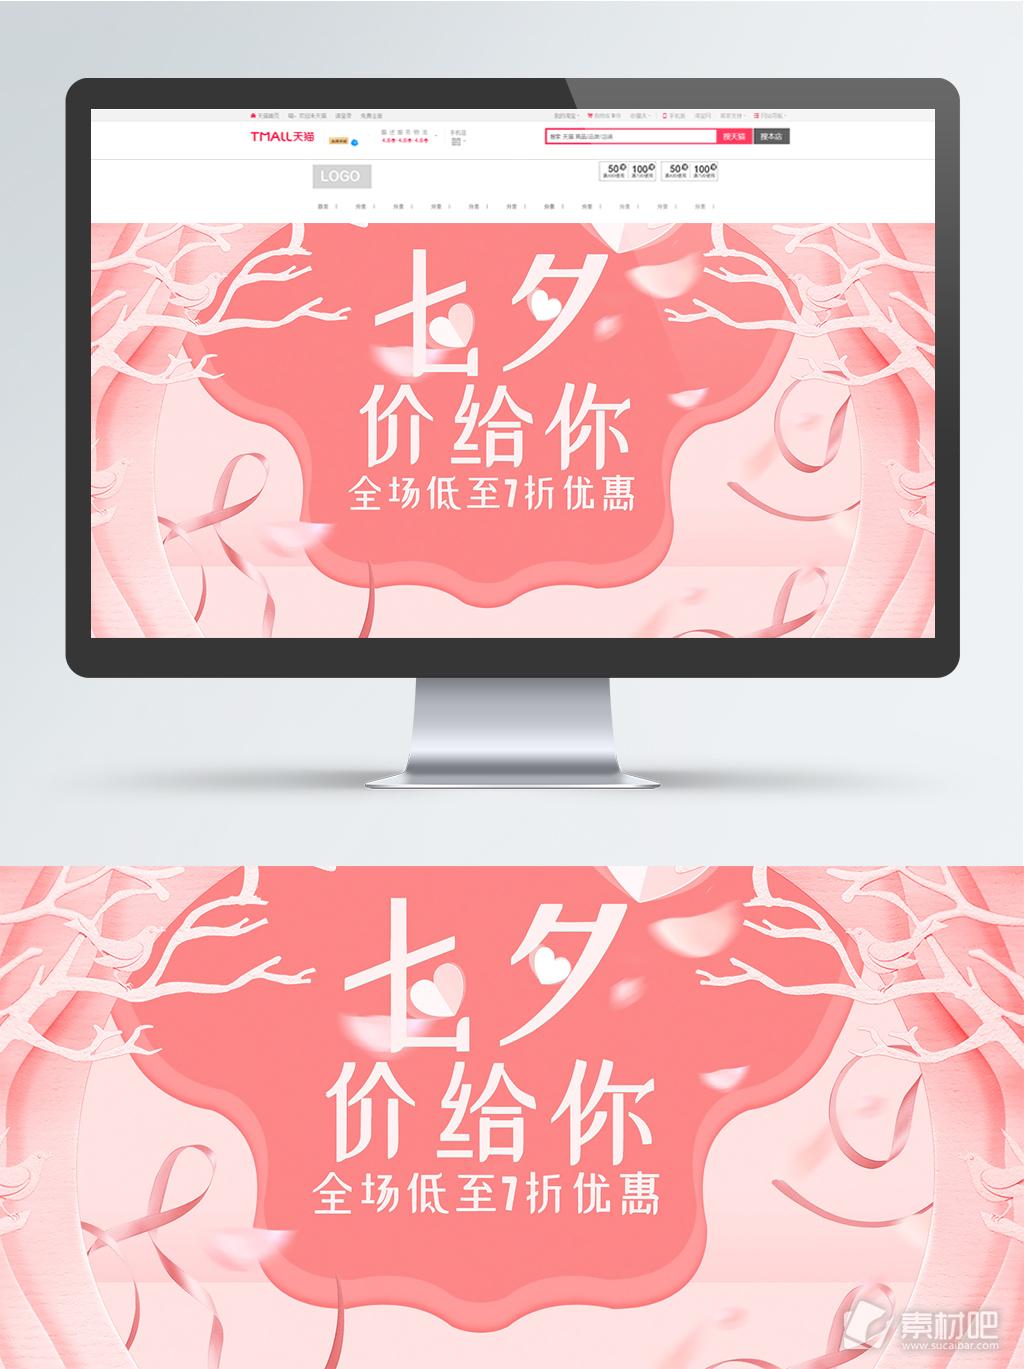 粉色剪纸风七夕节日爱情飘带促销电商海报